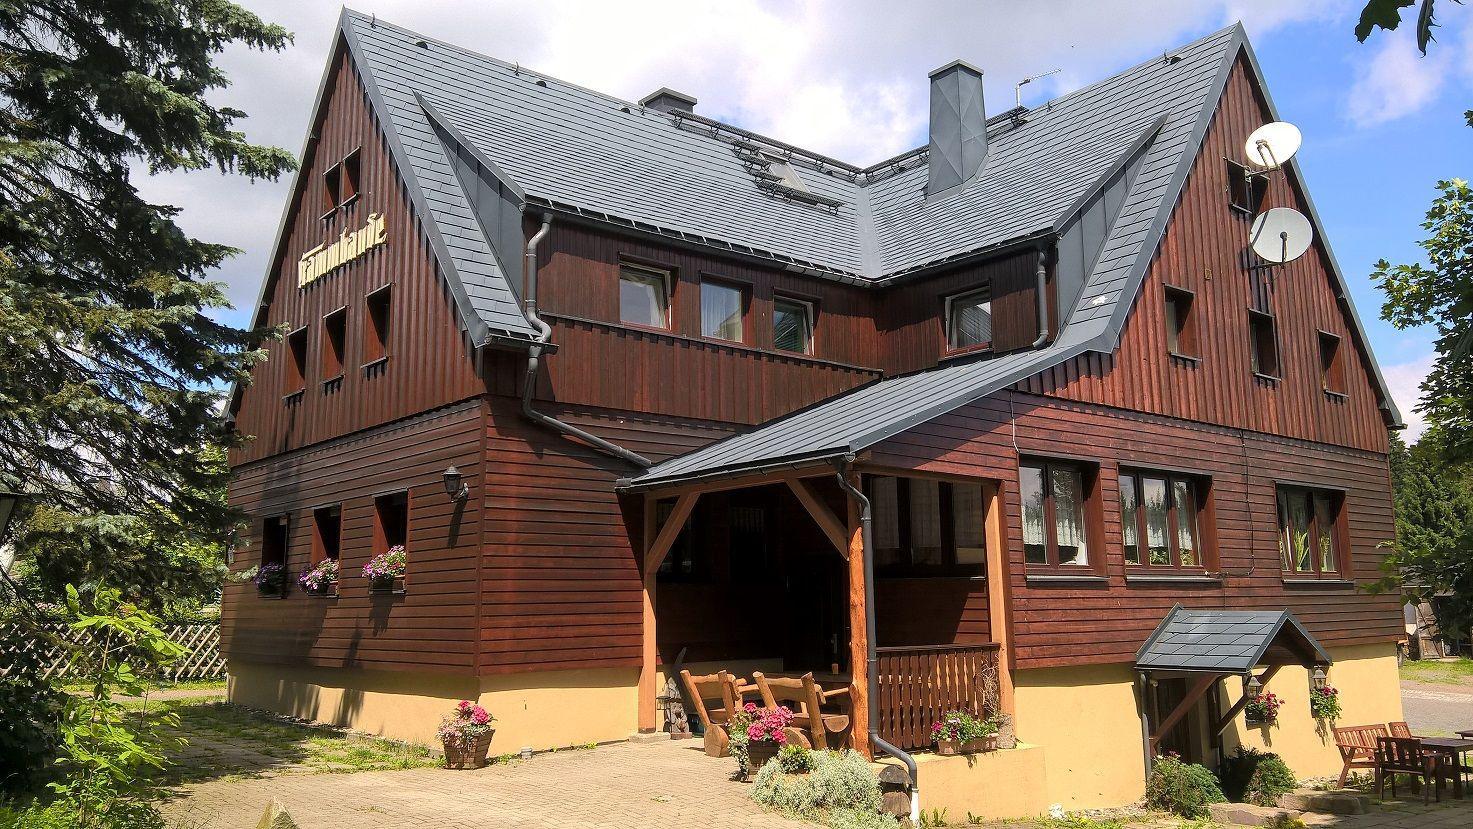 Ferienwohnung für 2 Personen  + 2 Kinder ca.   in Sachsen